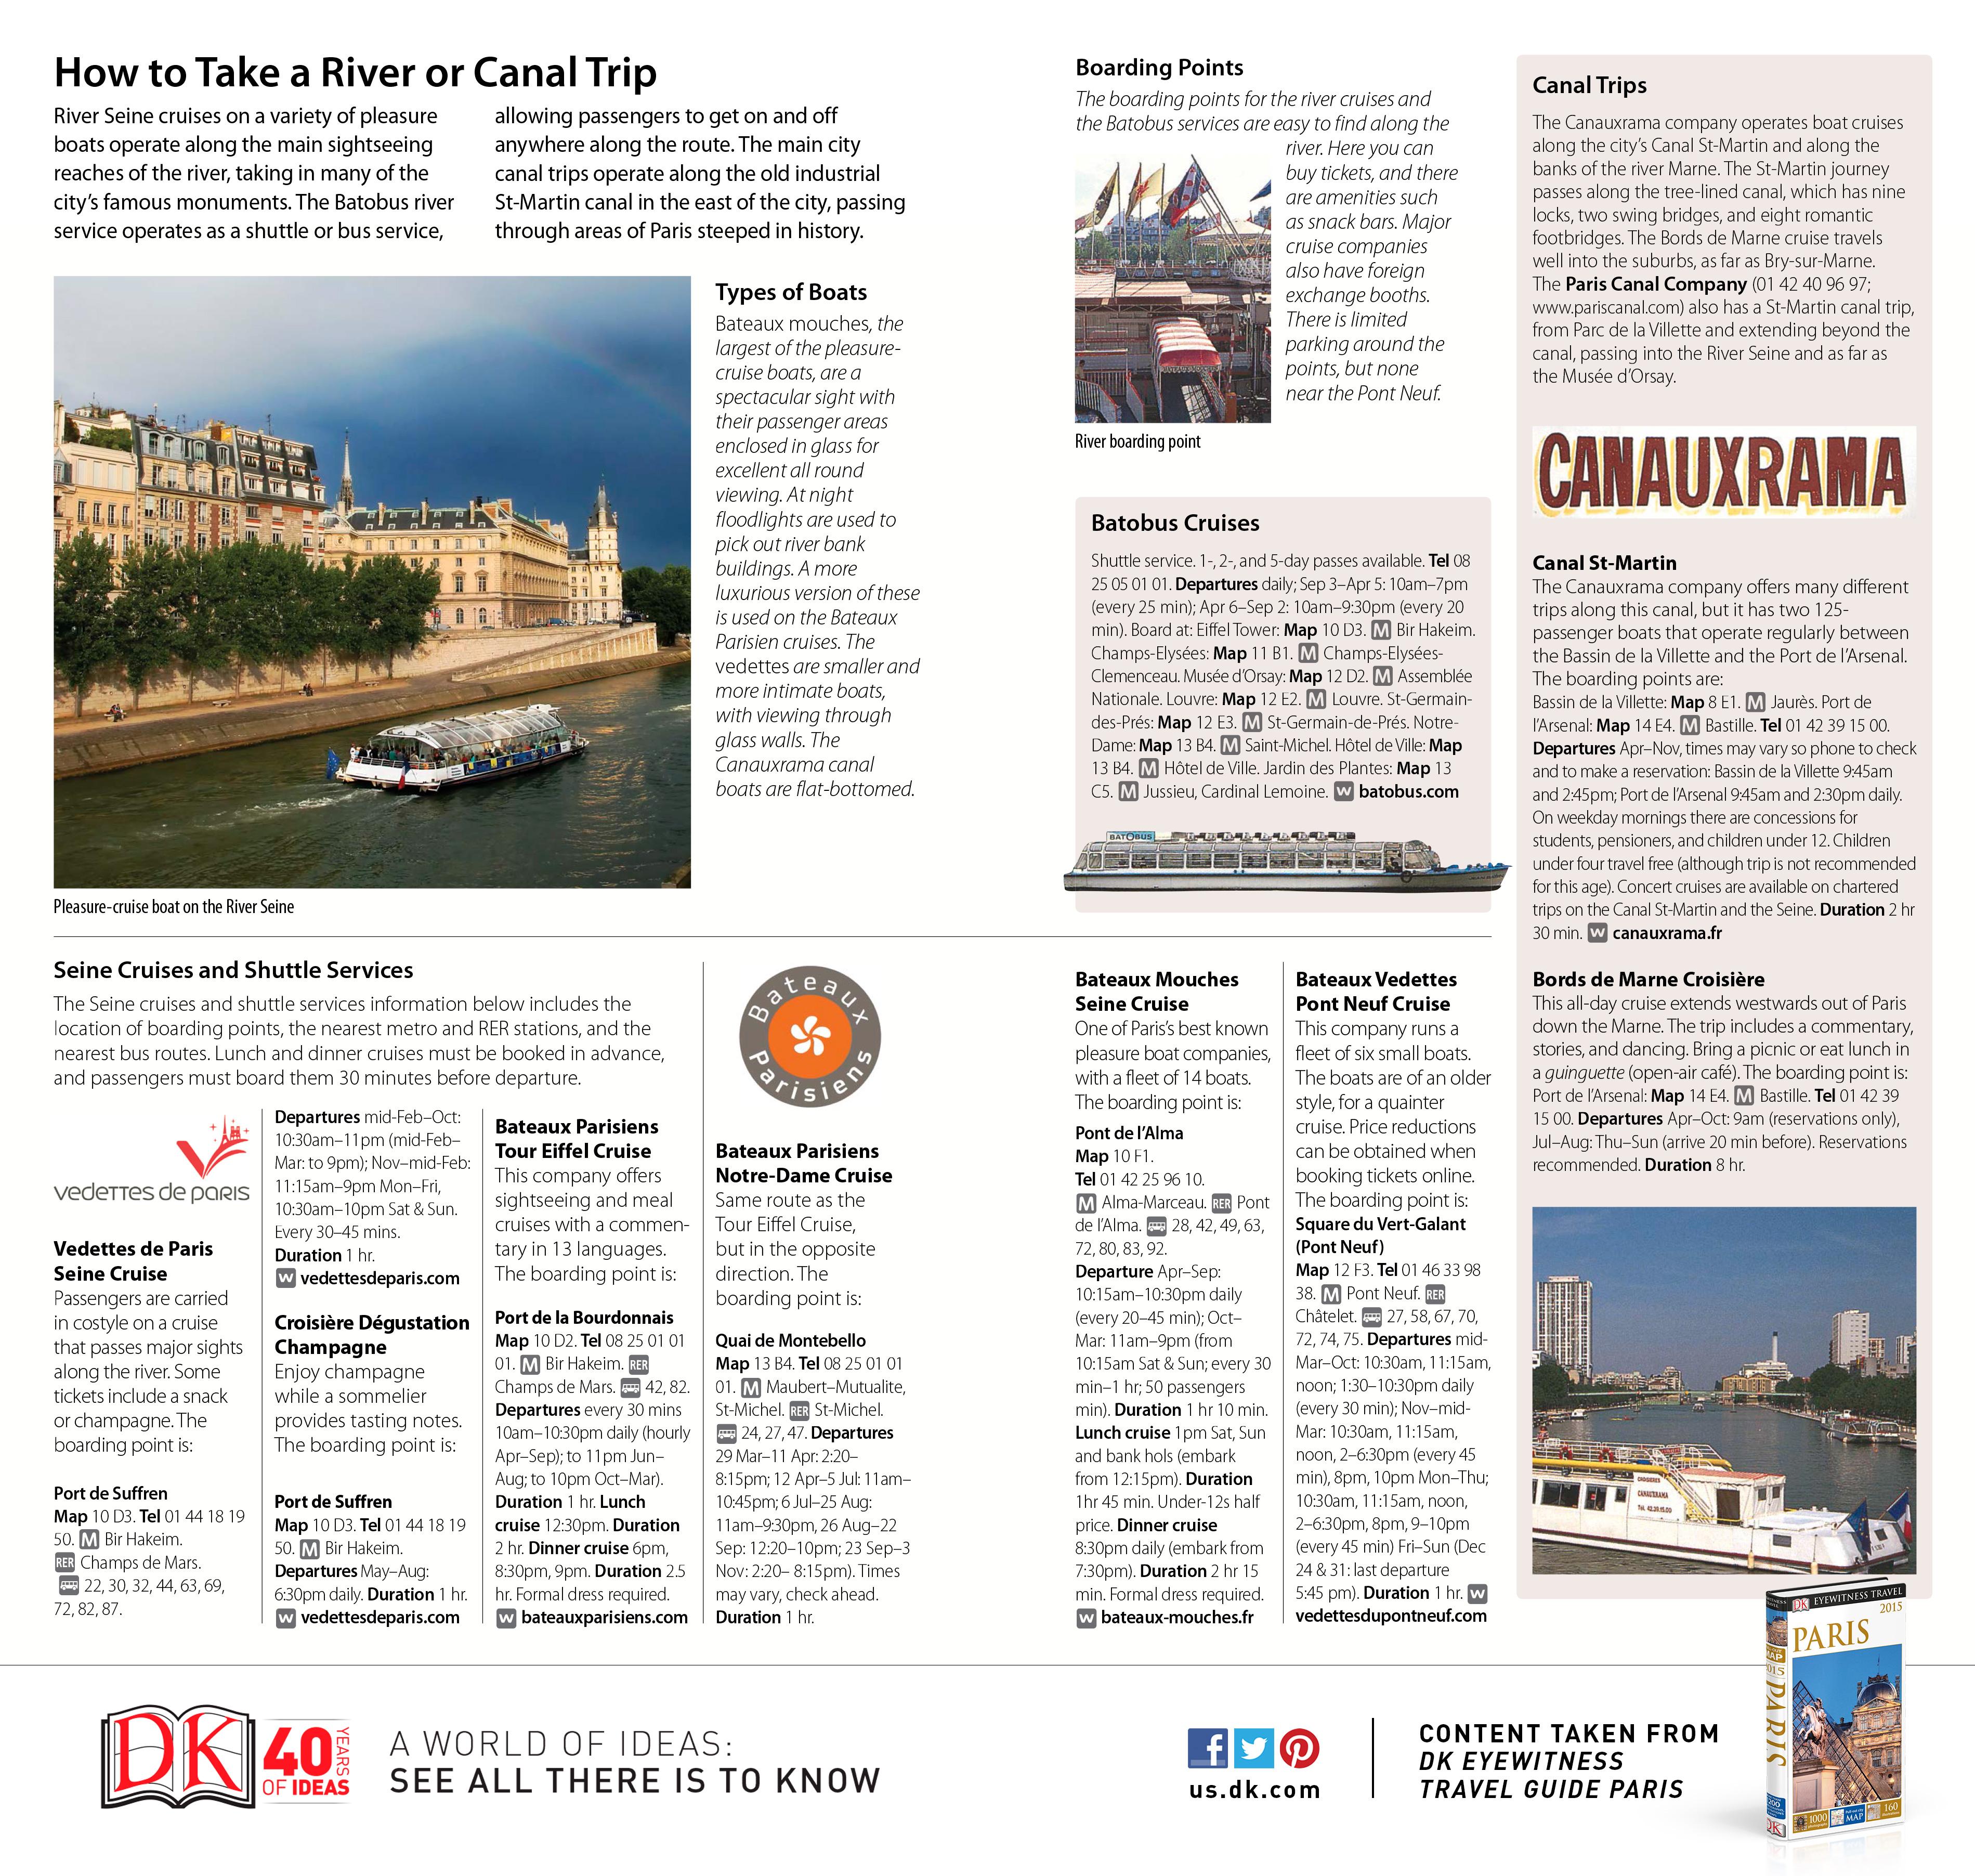 Tours alrededor de Moscú - Lugares de interés en Moscú - En su guía de la ciudad de bolsillo - guías de viajes esenciales